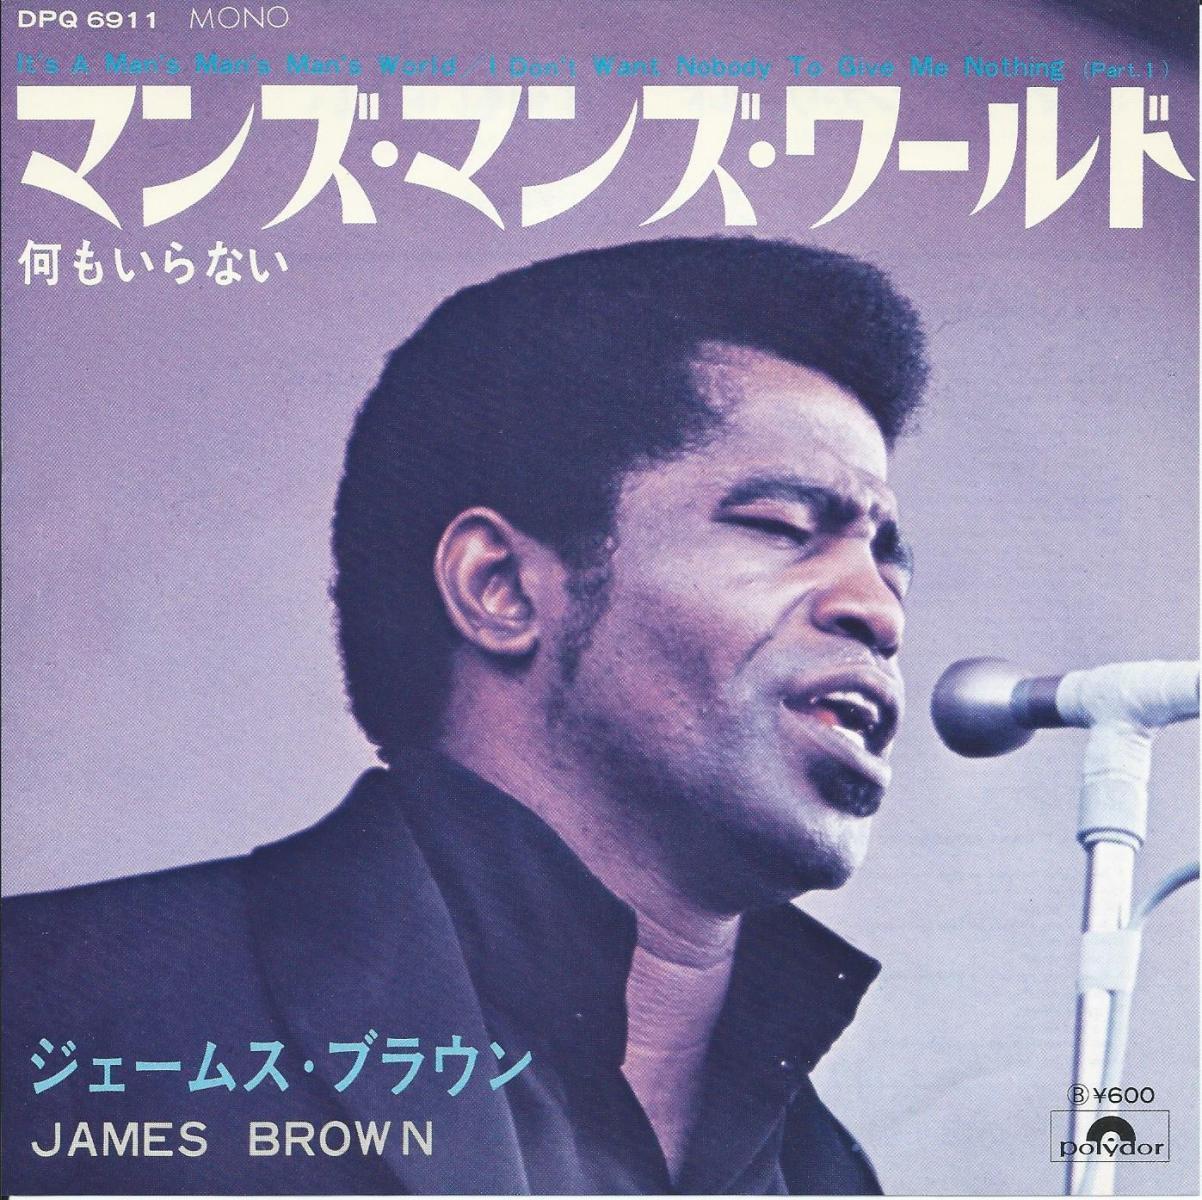 ジェームス・ブラウン JAMES BROWN / マンズ・マンズ・ワールド IT'S A MAN'S MAN'S MAN'S WORLD (7